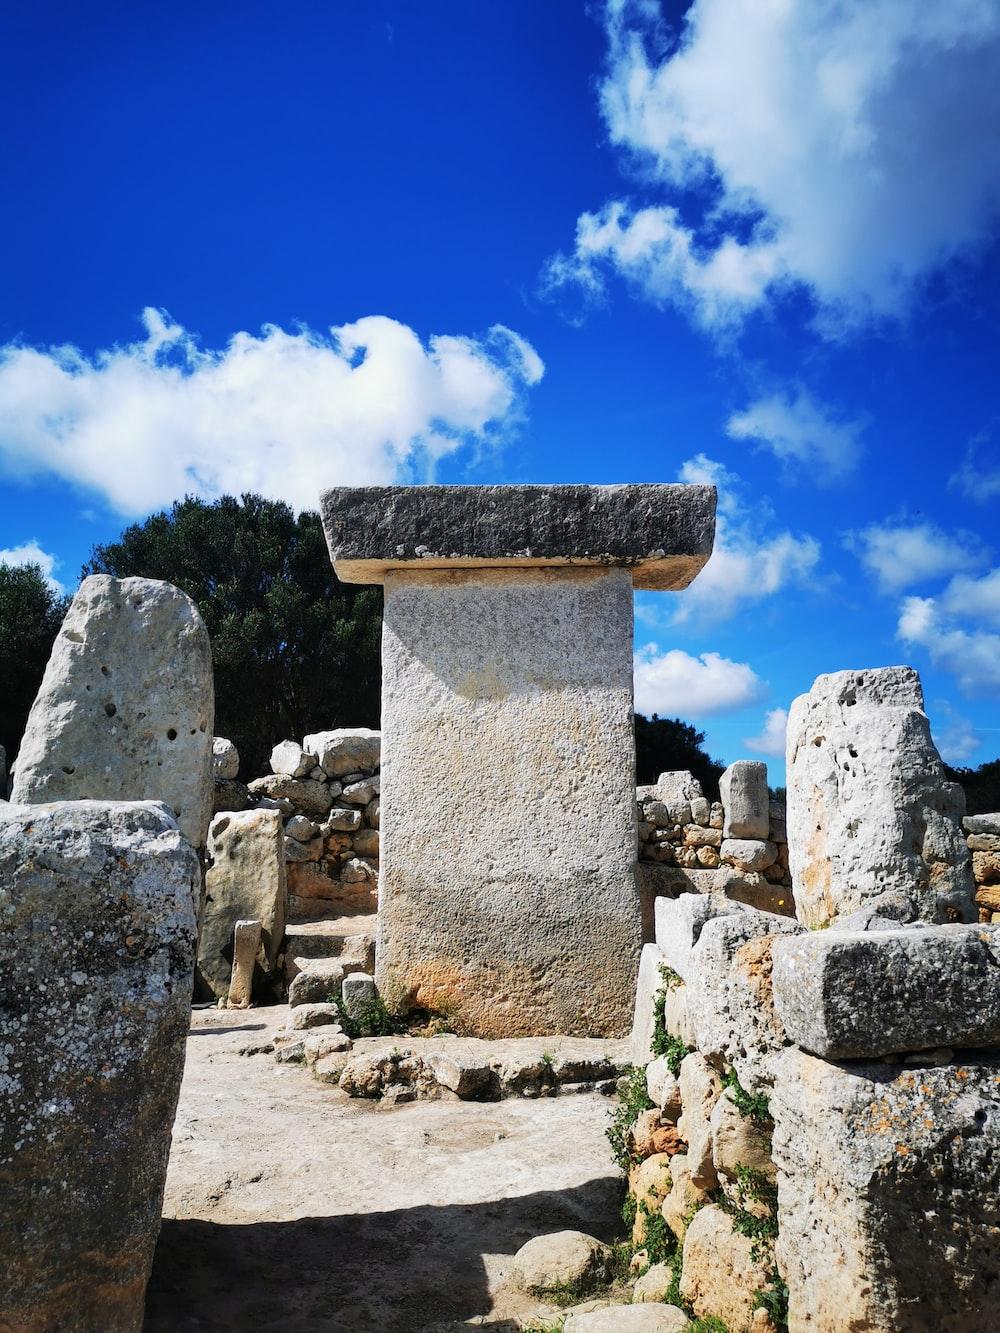 concrete ancient ruins under blue sky